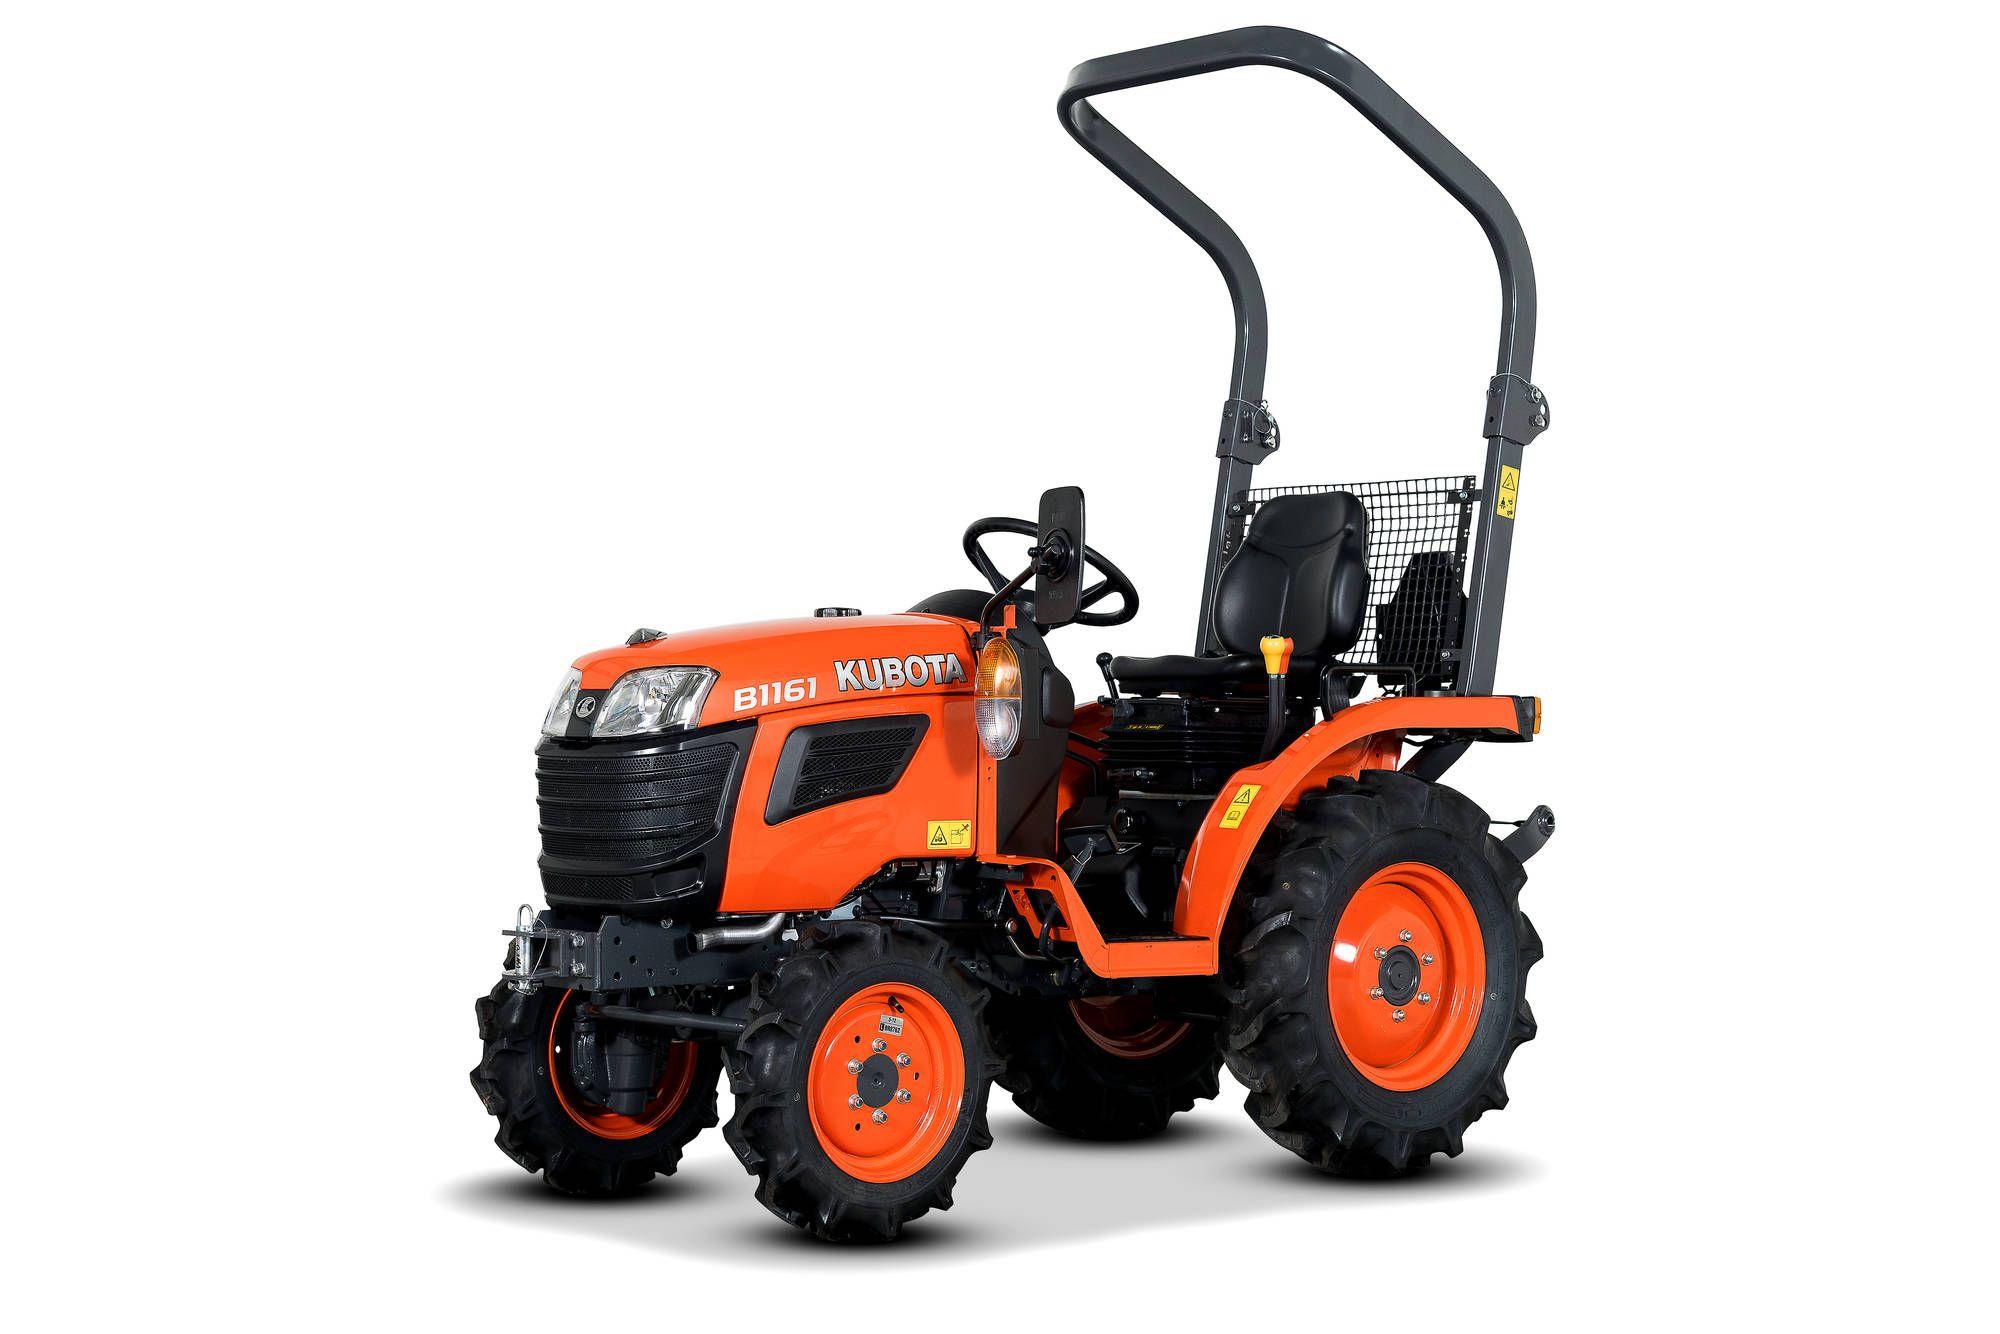 Traktor Kubota B1161